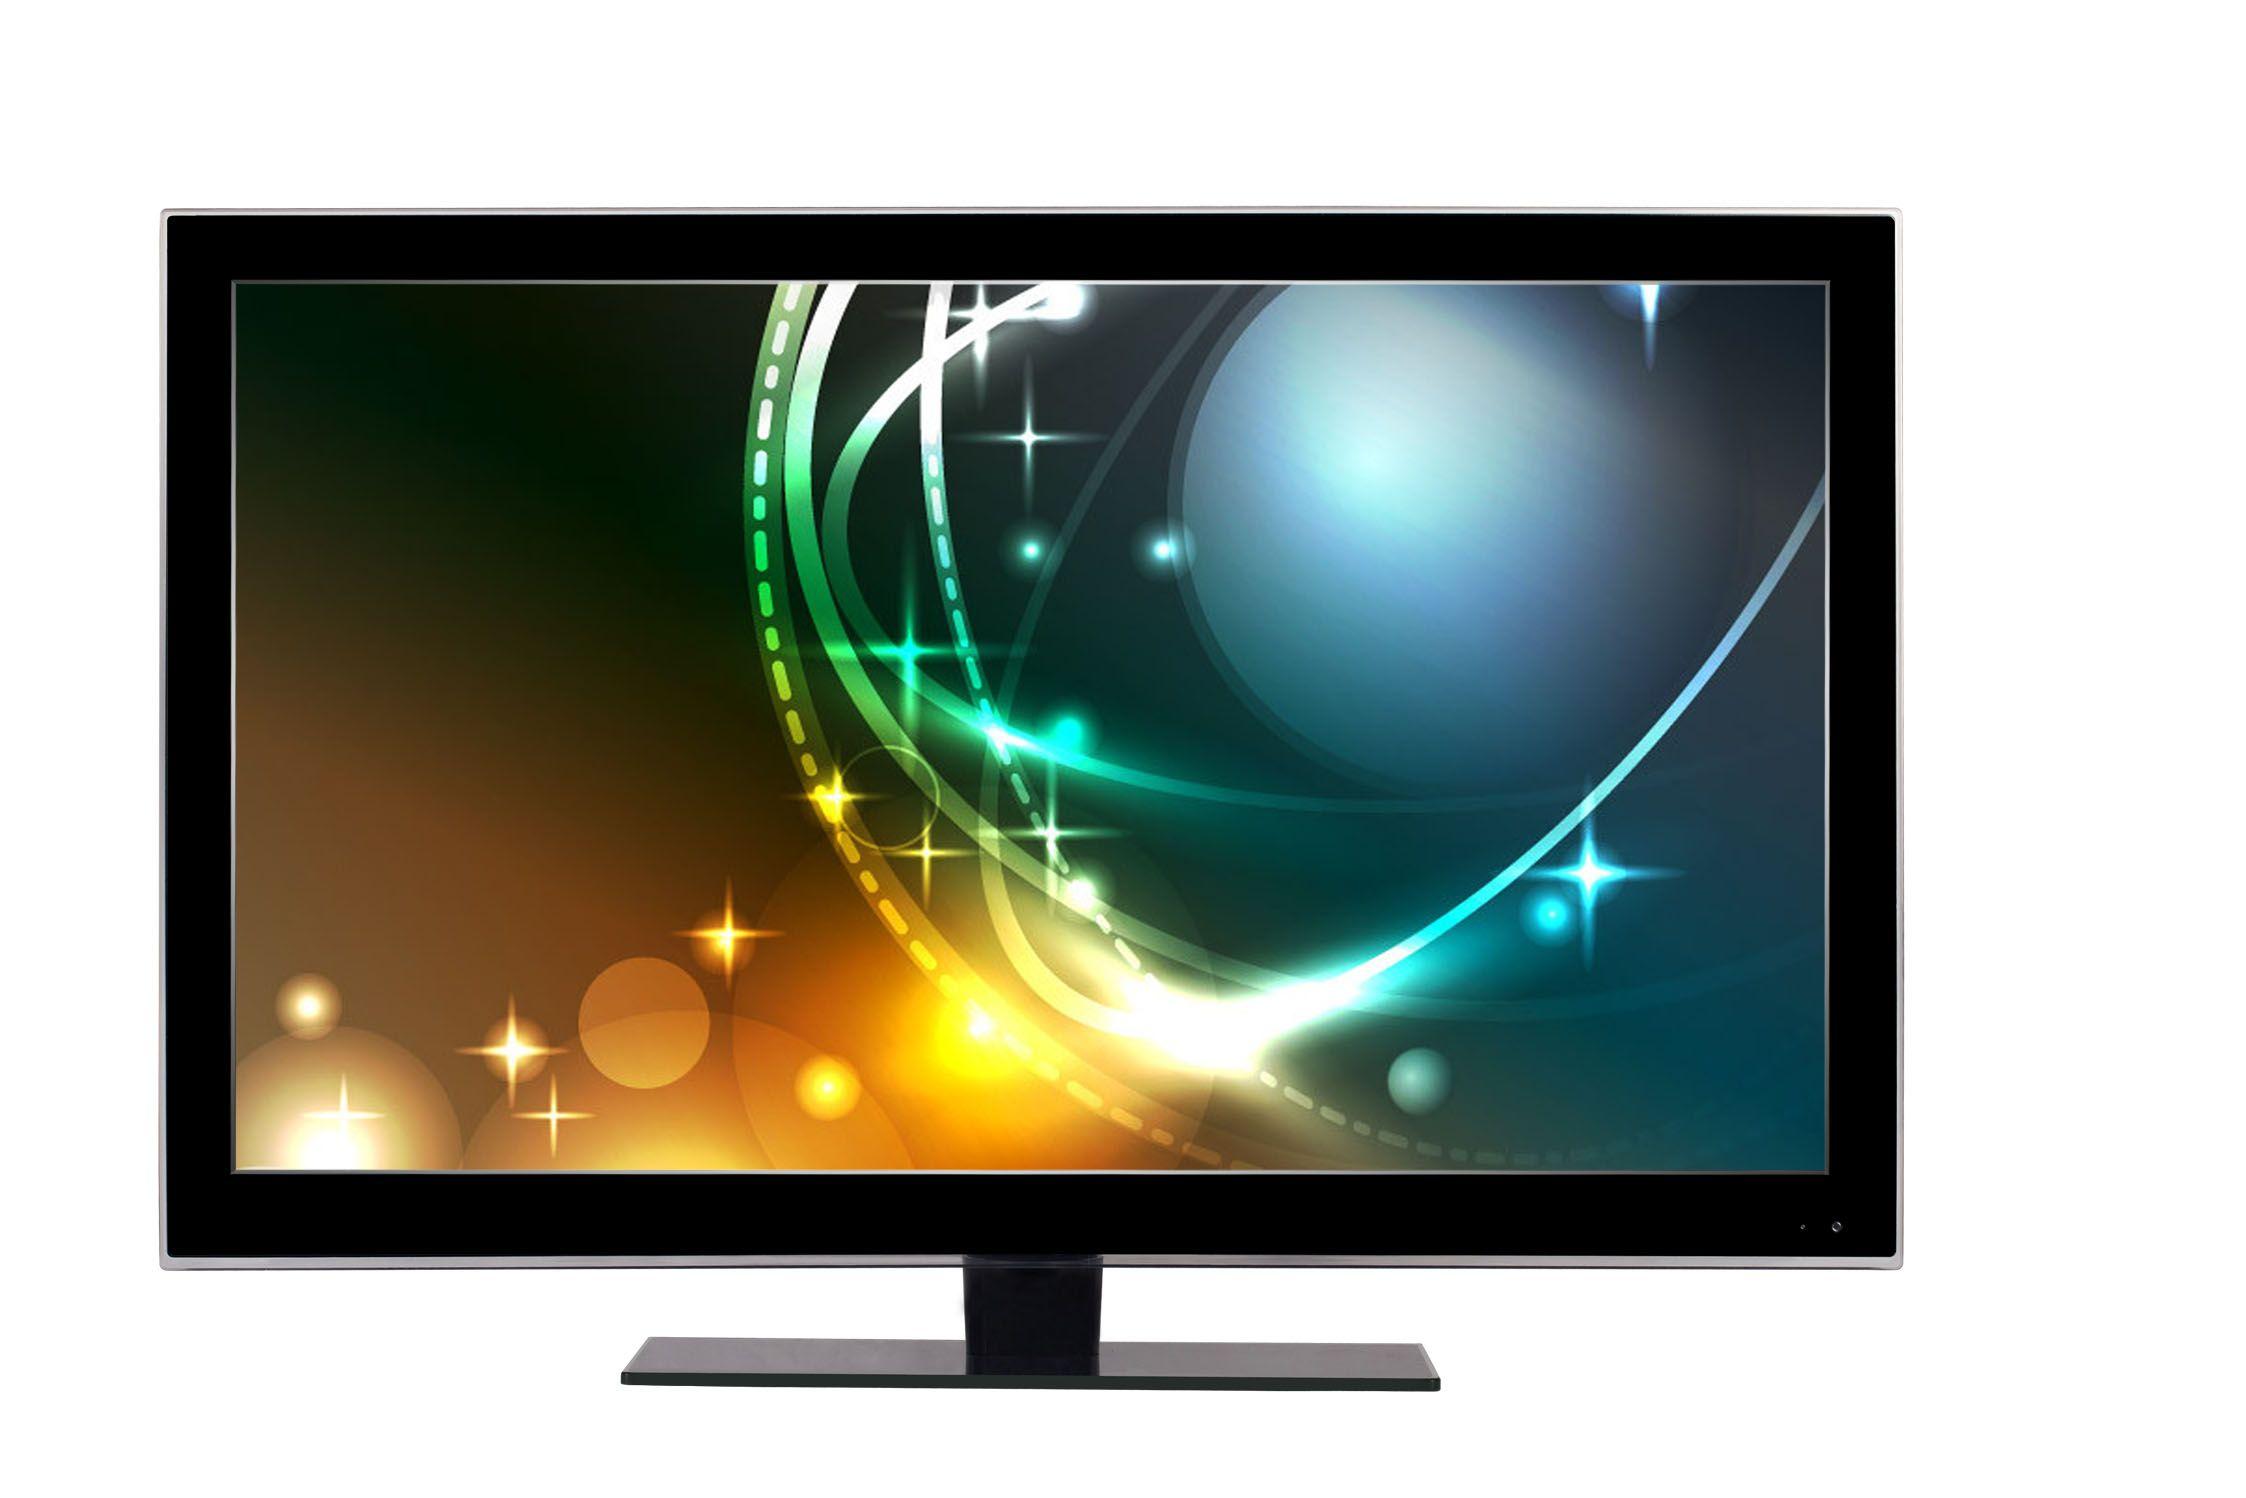 2019年液晶电视排行榜_宏碁AL2282HQ液晶显示器产品图片1素材 IT168液晶显示